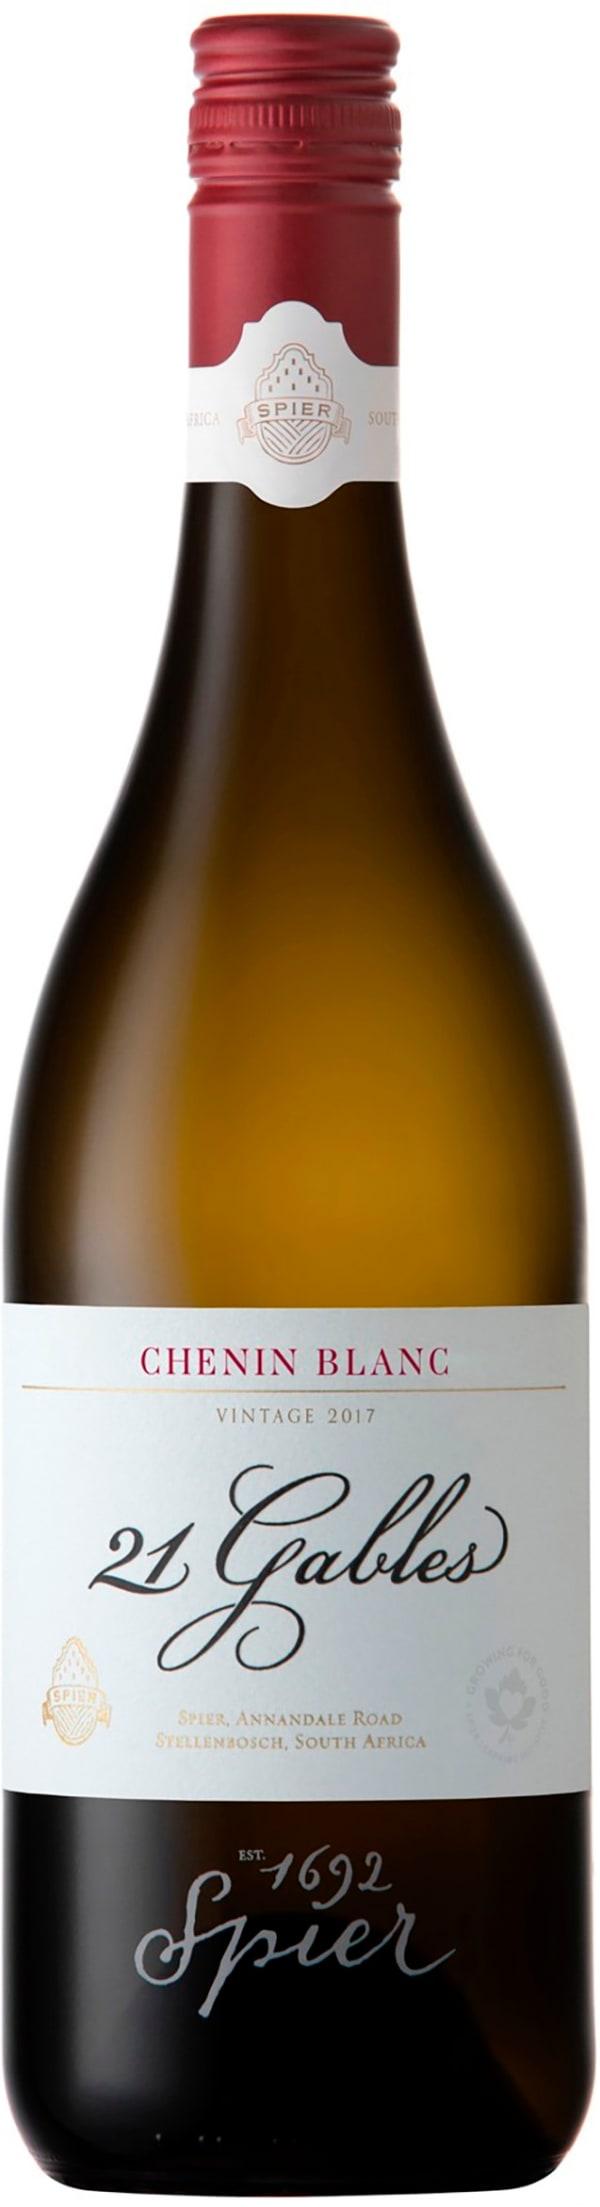 Spier 21 Gables Chenin Blanc 2016